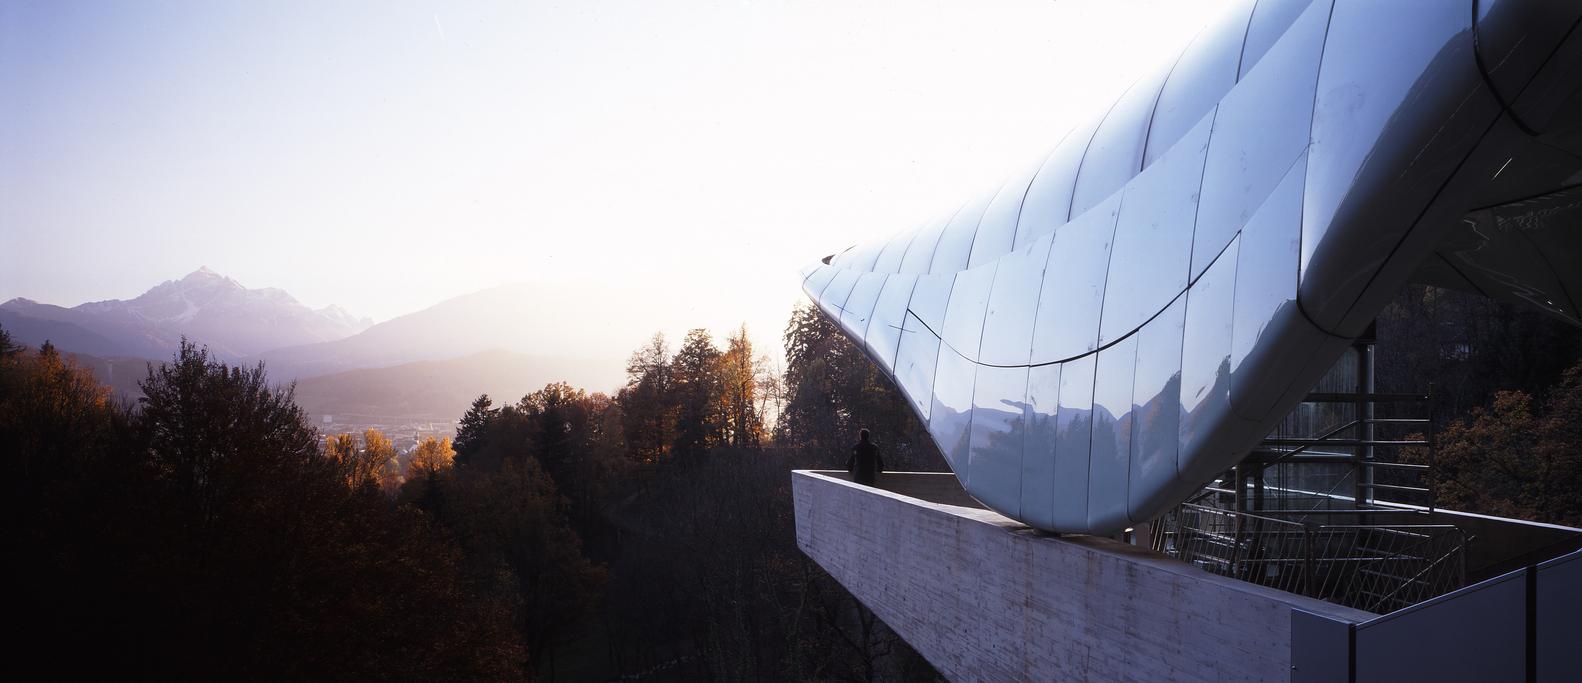 Zaha Hadid Architects' Hungerburgbahn Celebrates its 10 Year Anniversary,Courtesy of Zaha Hadid Architects